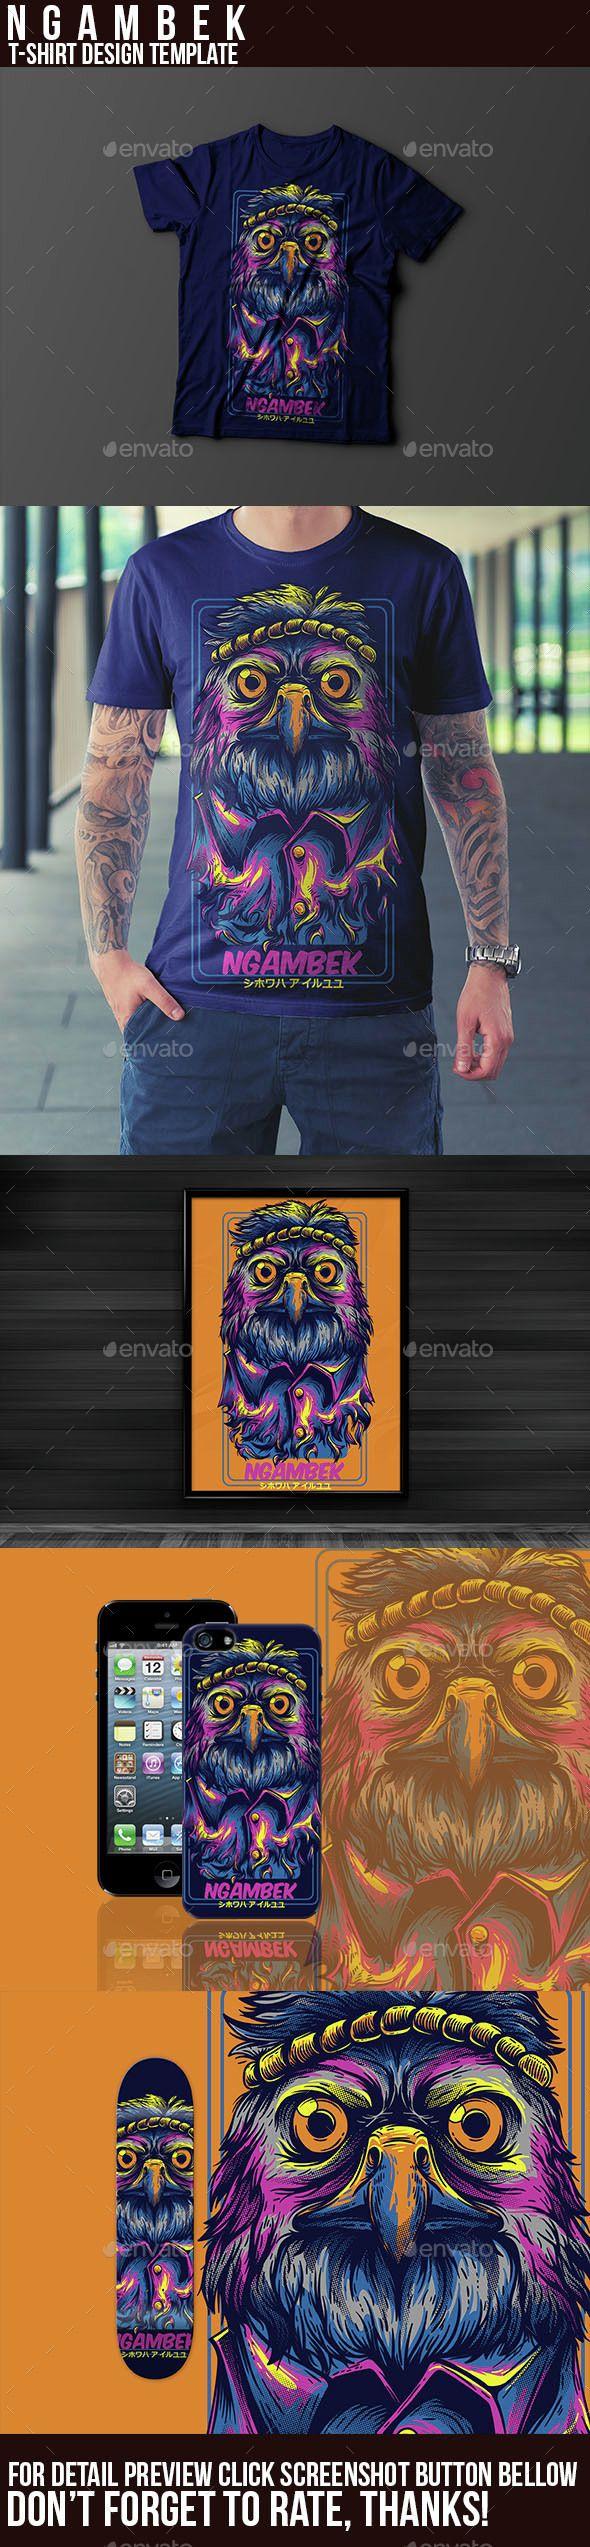 Shirt design illustrator template - Ngambek T Shirt Design